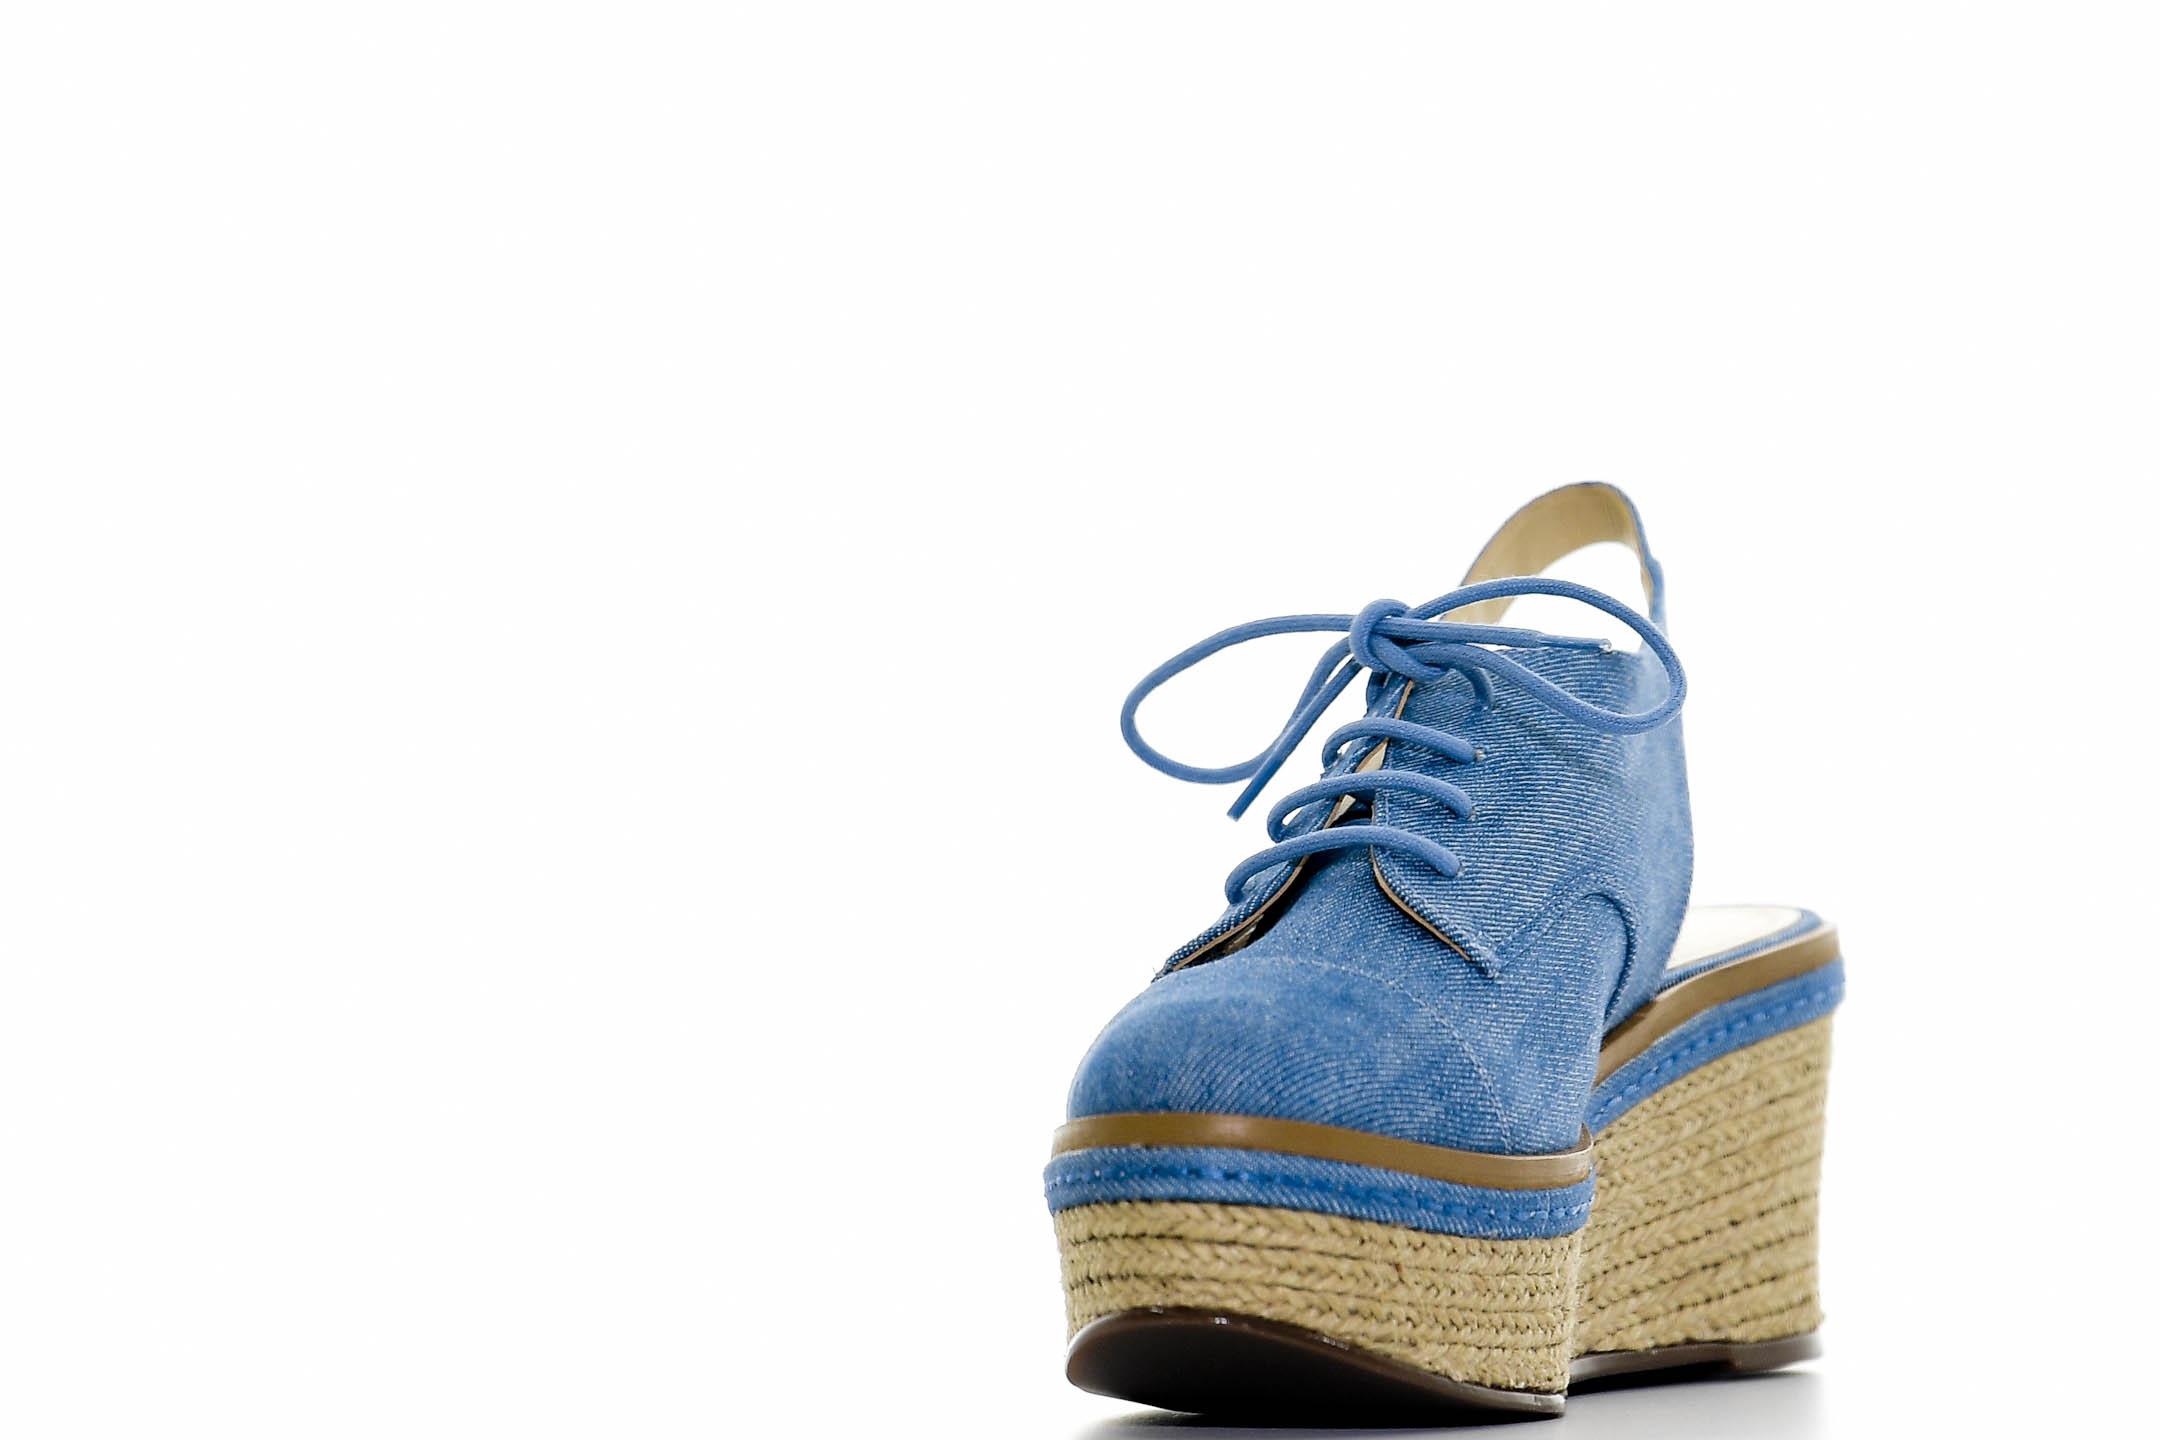 Zapato de cordones y plataforma, de Galería. (André Kang)